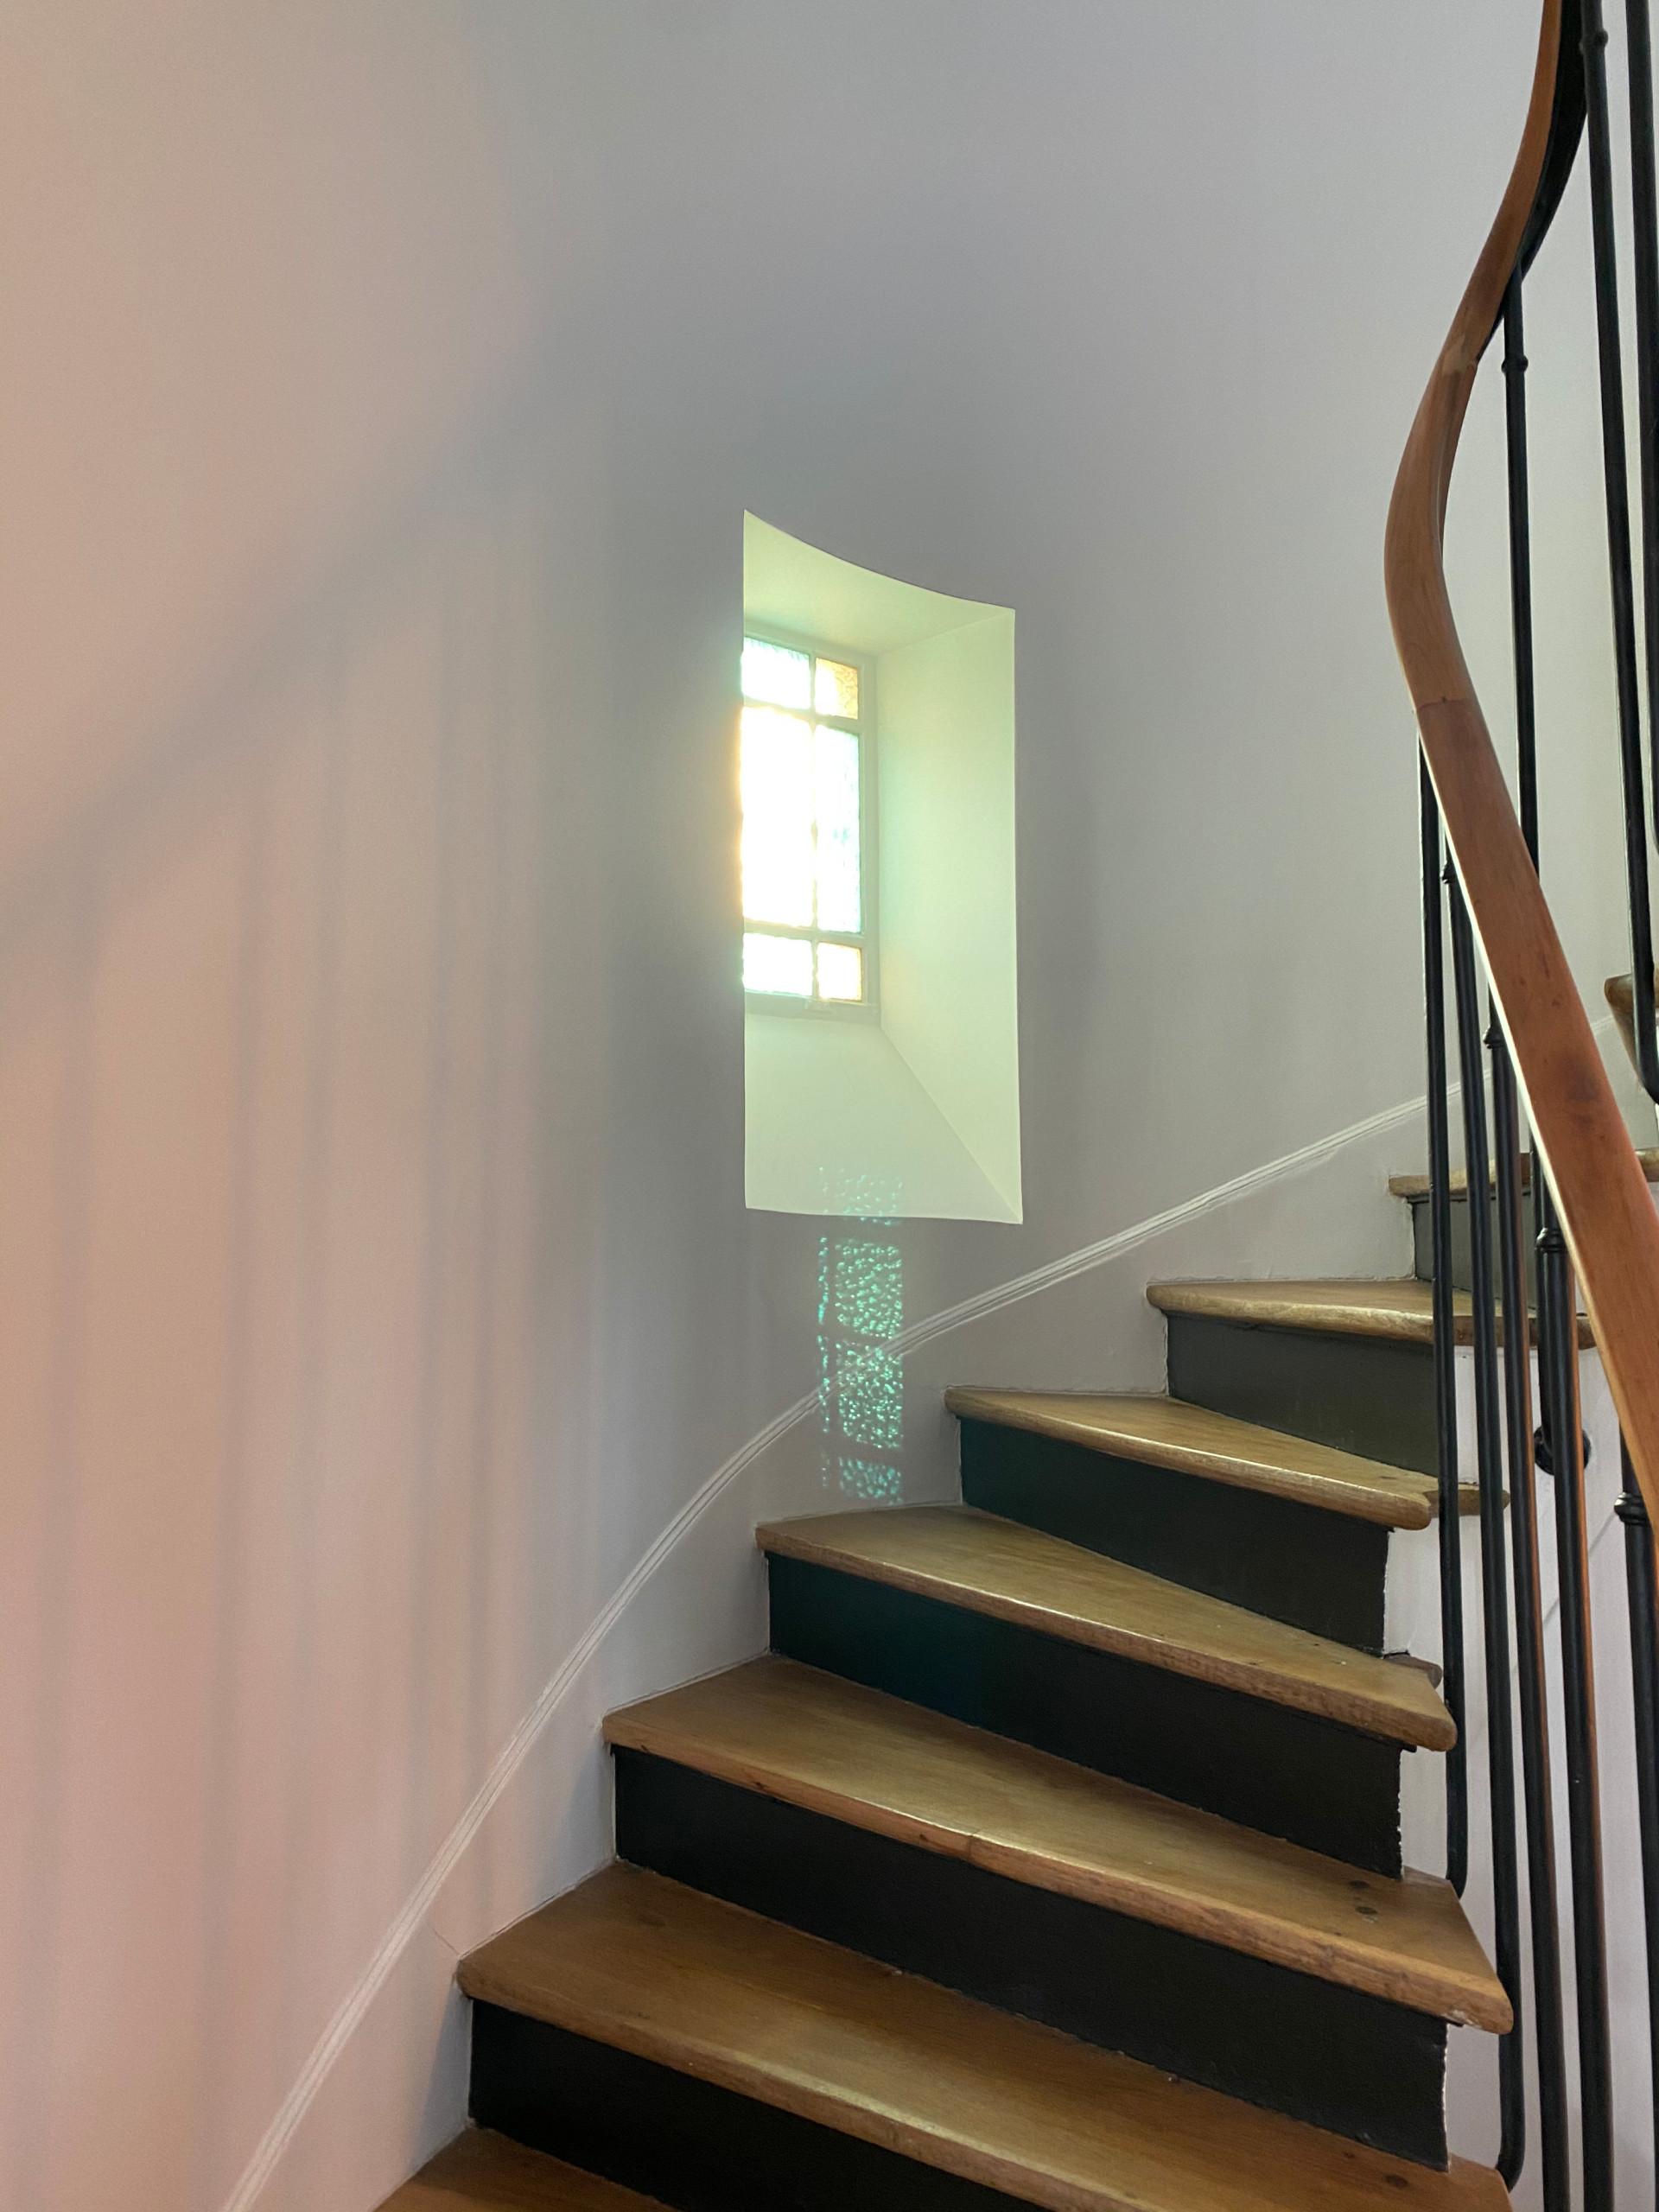 Maison de maîtres entièrement rénovée